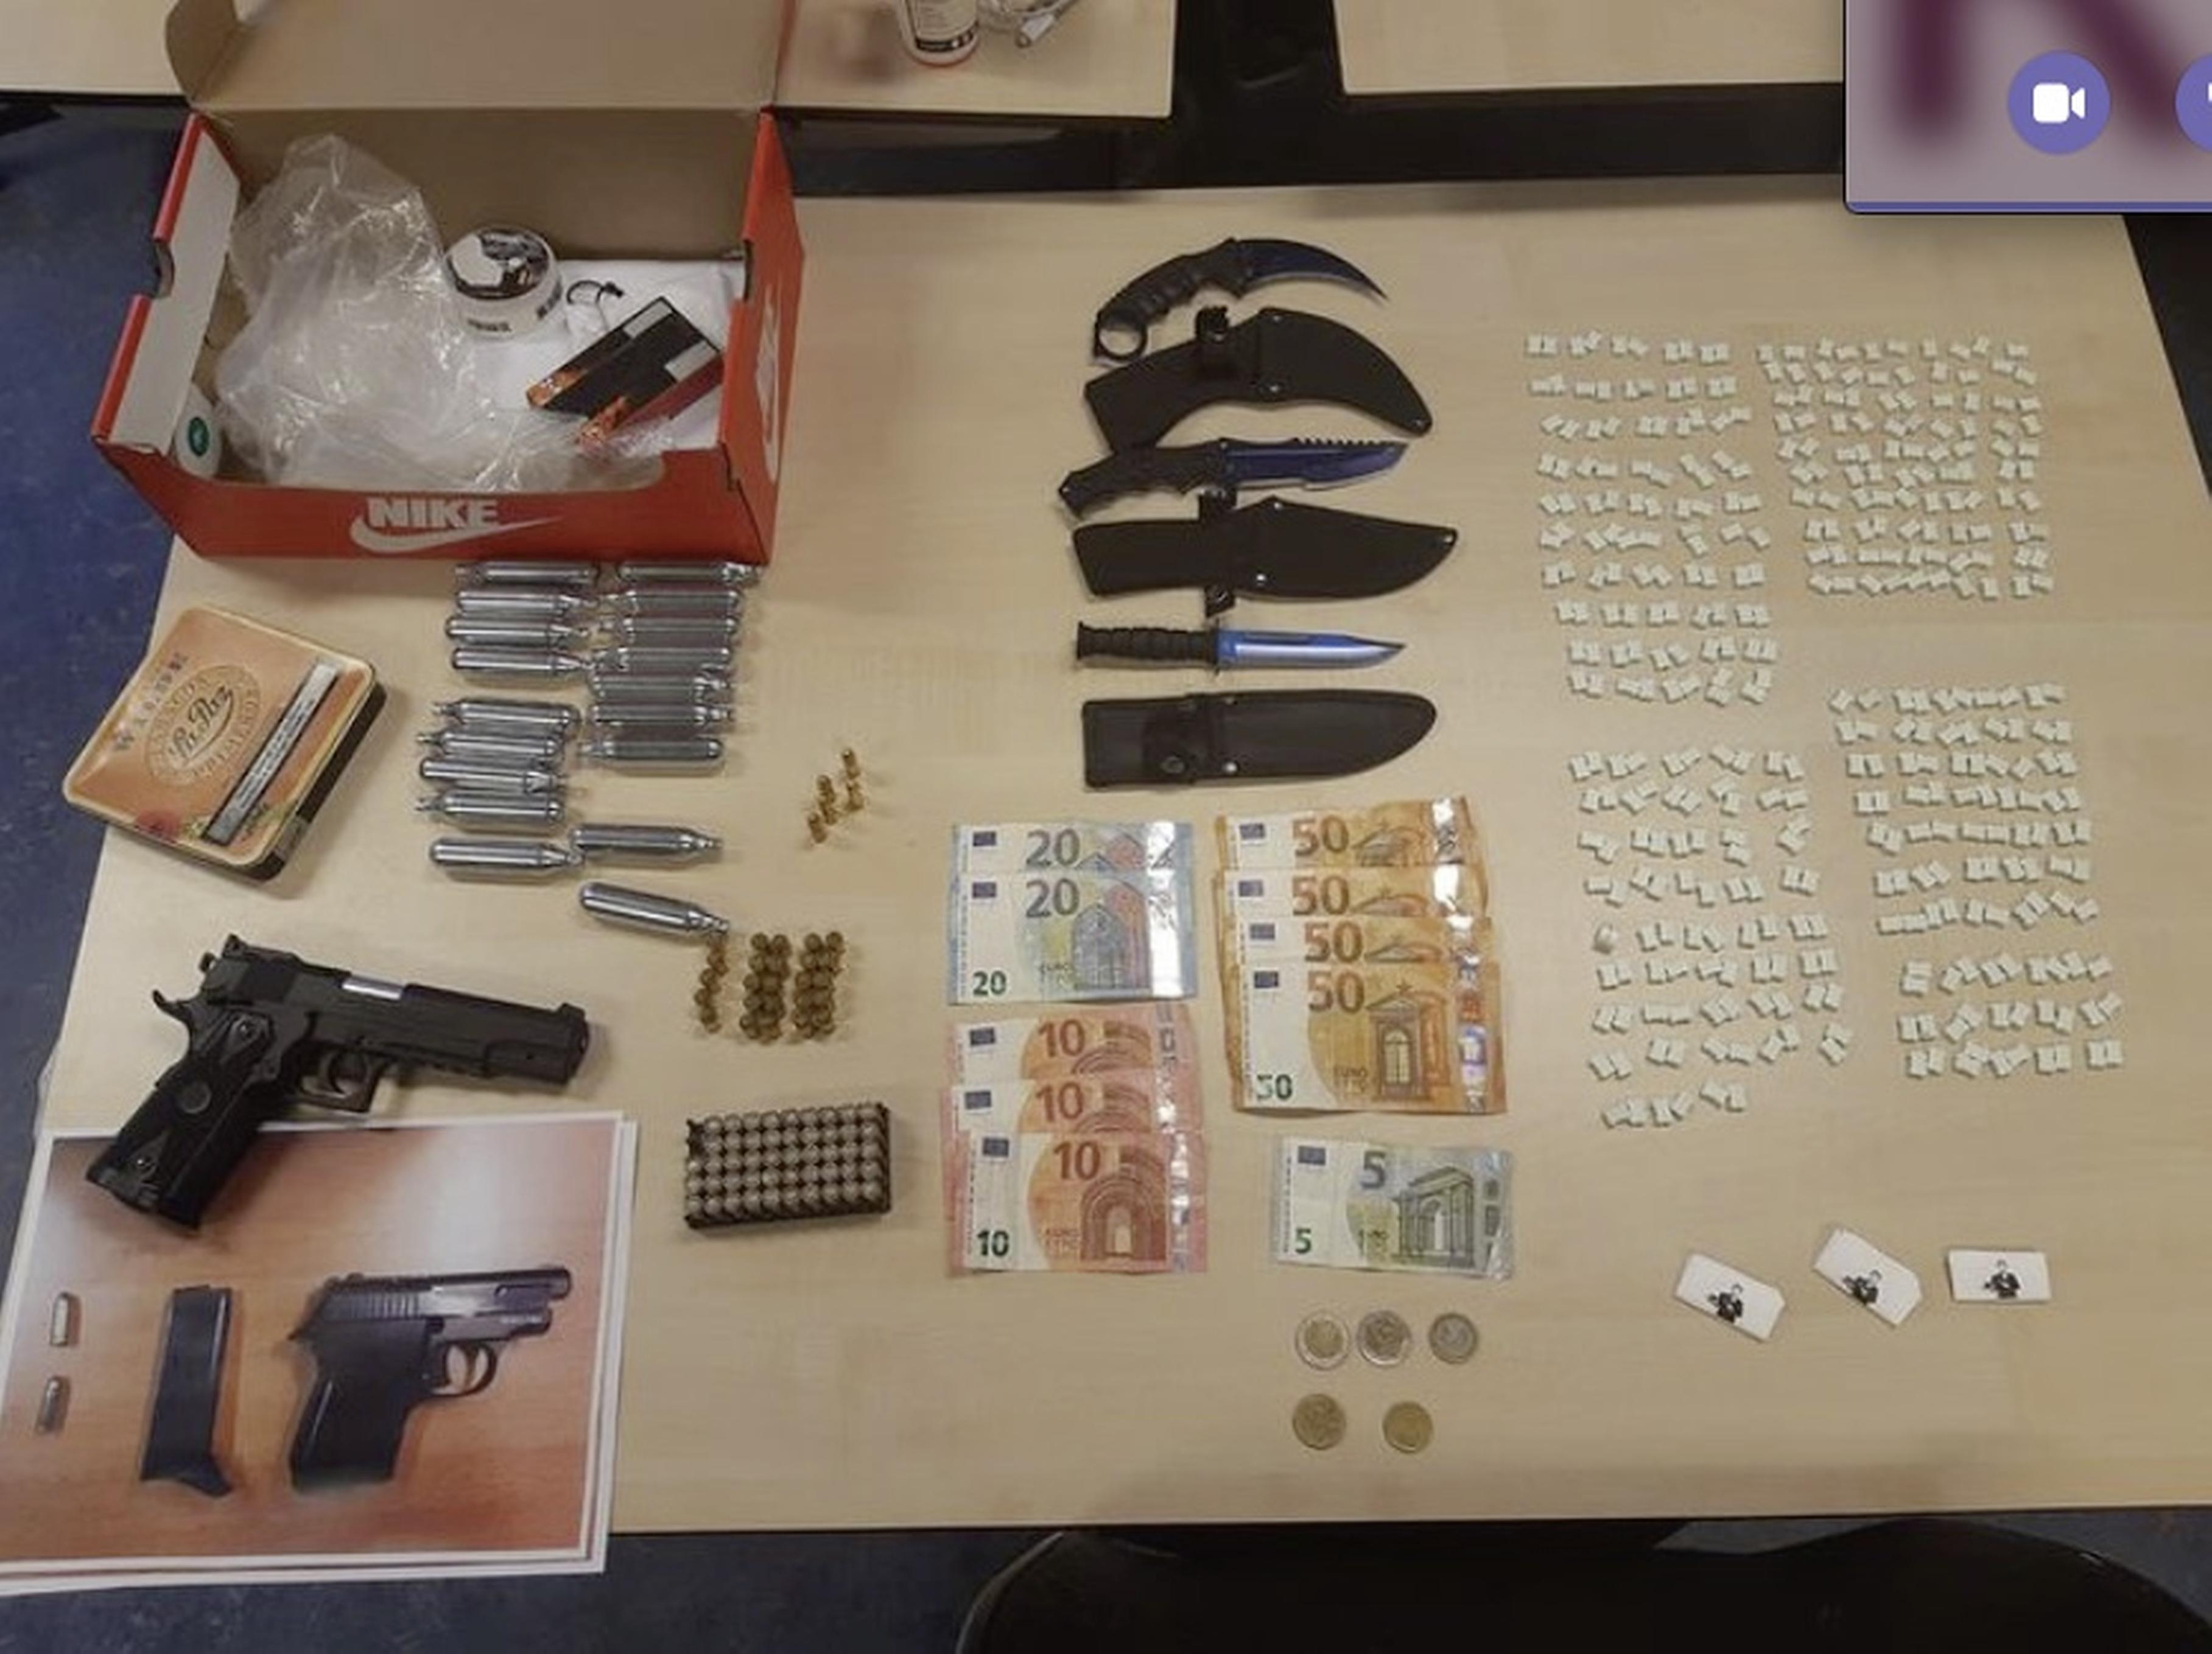 Coke, 386 pillen, messen, een pistool en ammunitie. Man (21) aangehouden in Hippolytushoef na 'behoorlijke' vondst